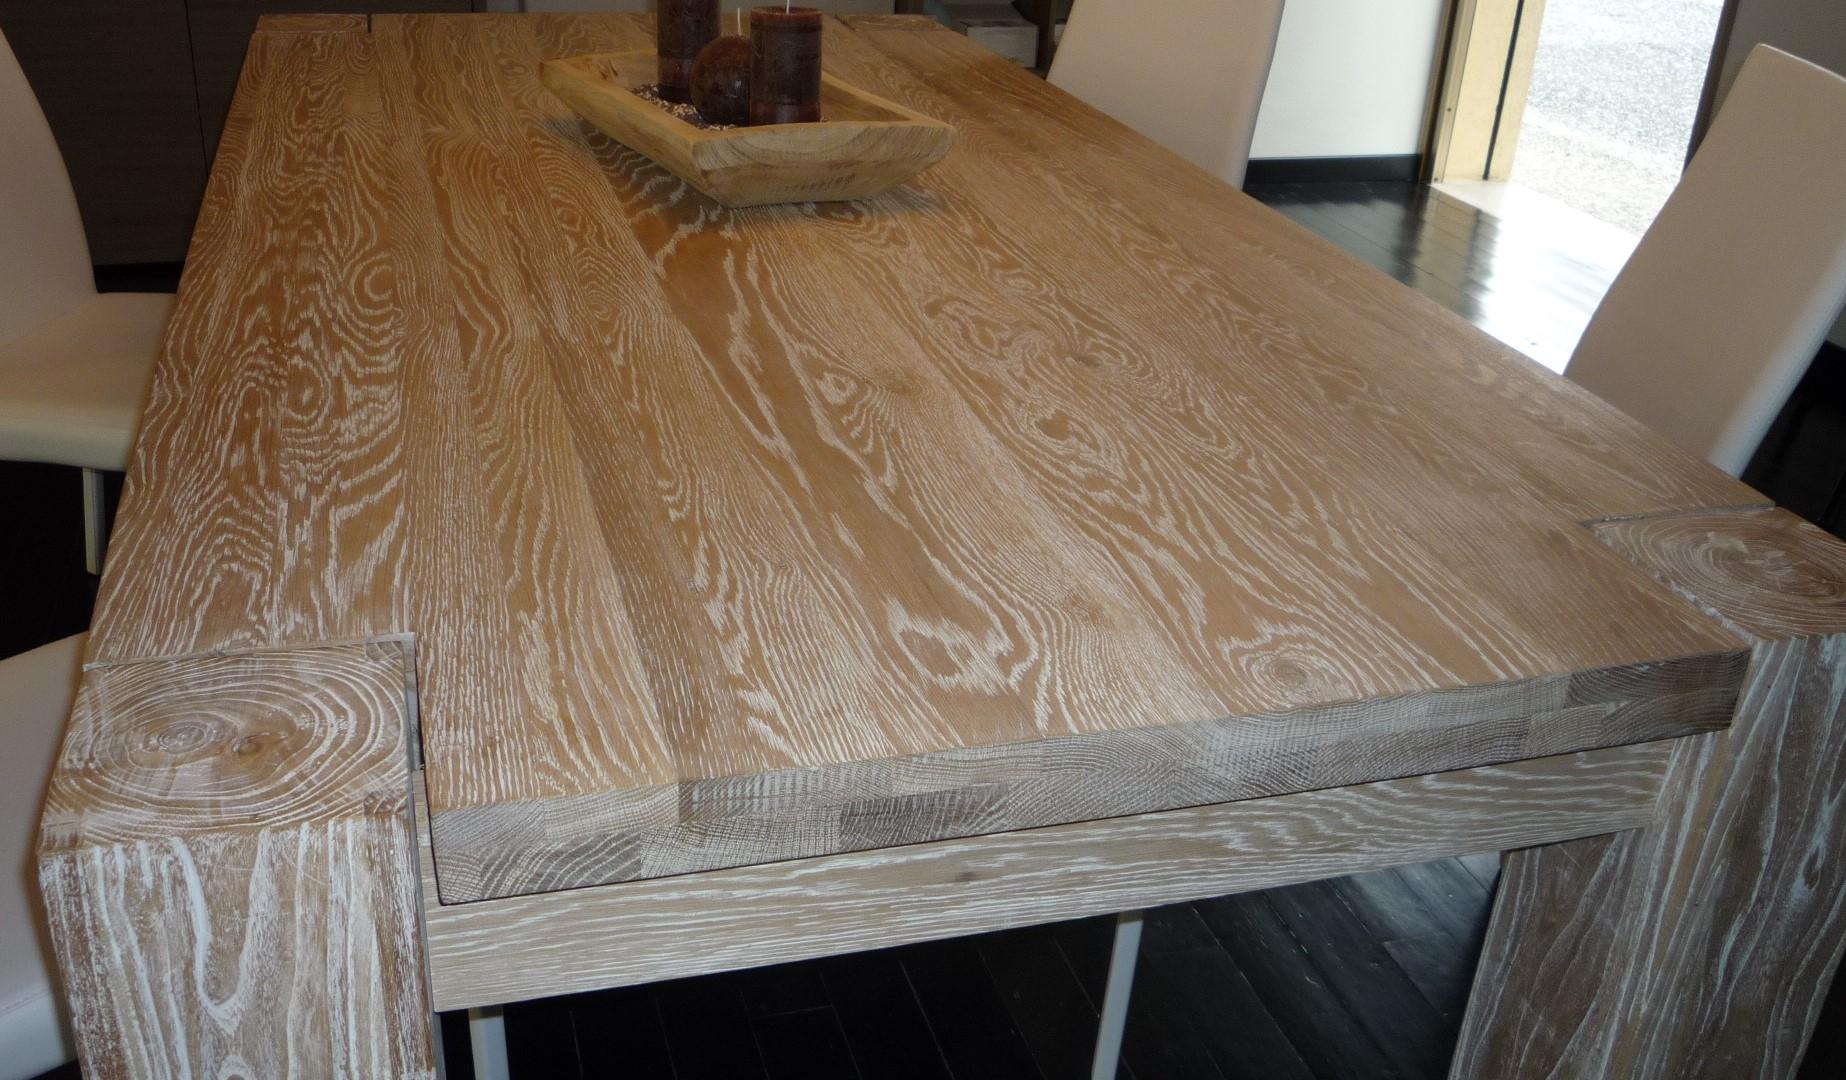 Tavolo da cucina di Kico modello Wood in rovere scontato del -40 % - Tavoli a...